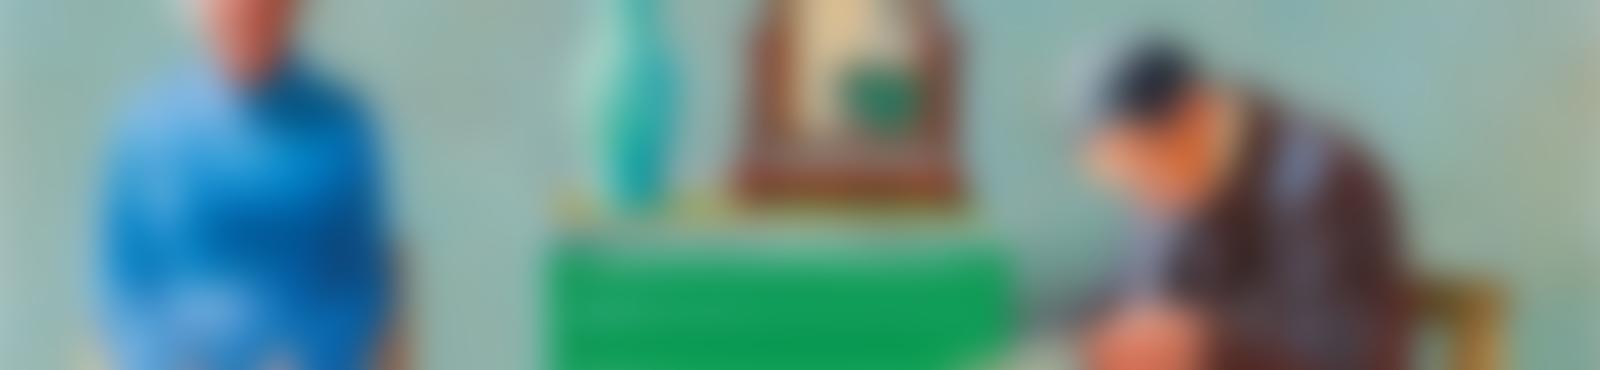 Blurred 0d230557 6538 40e4 95c5 09647f857300